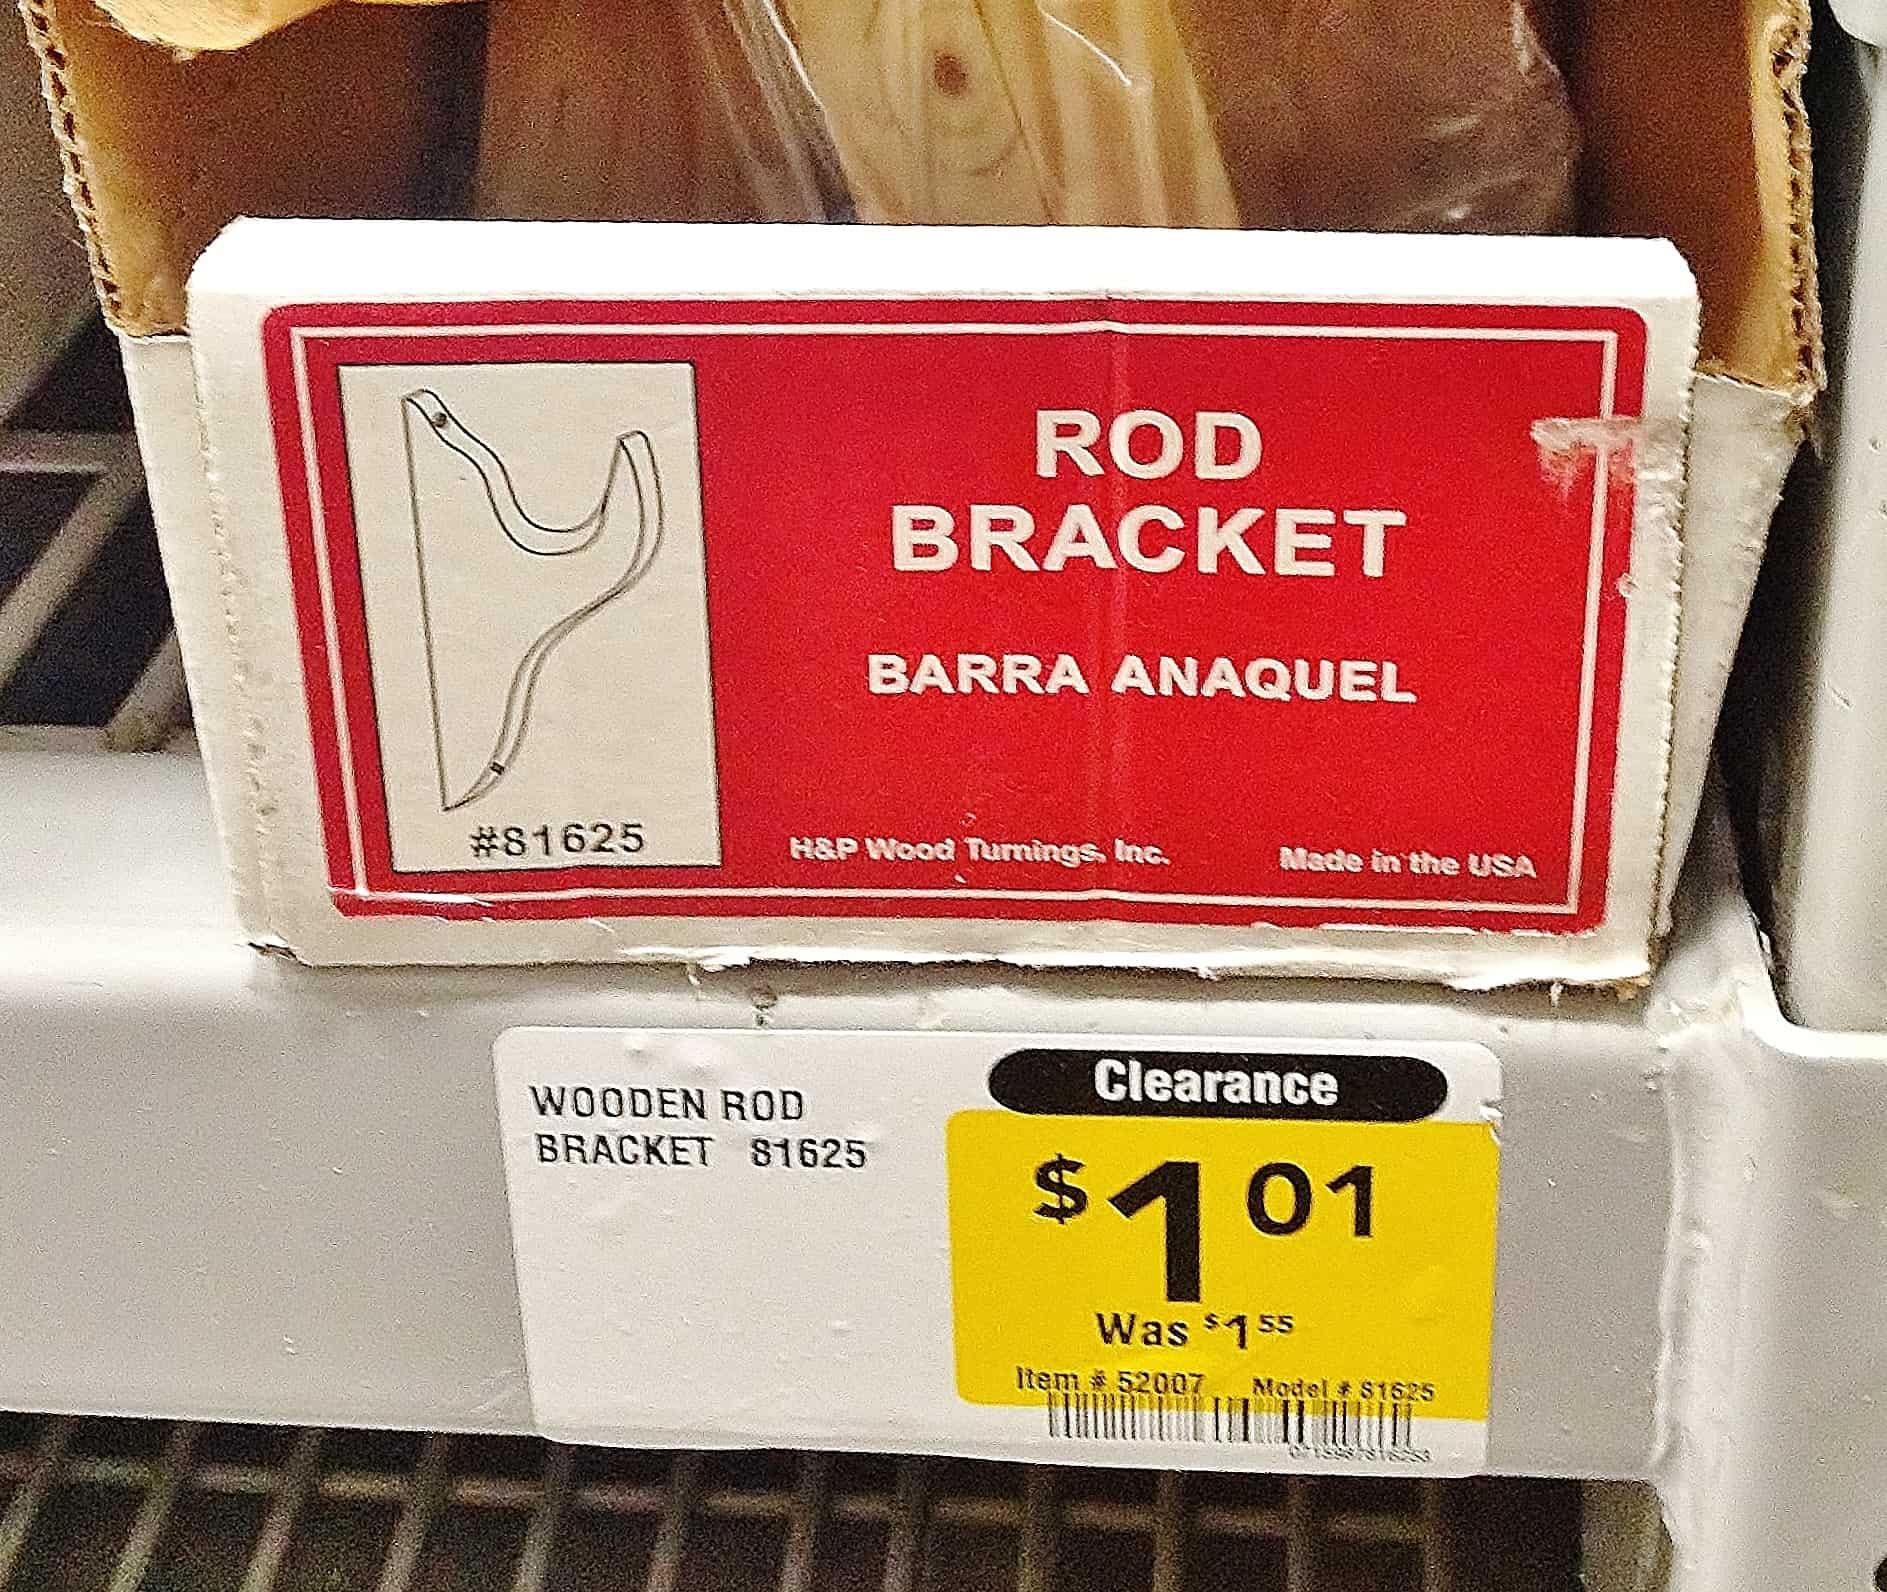 Rod Bracket